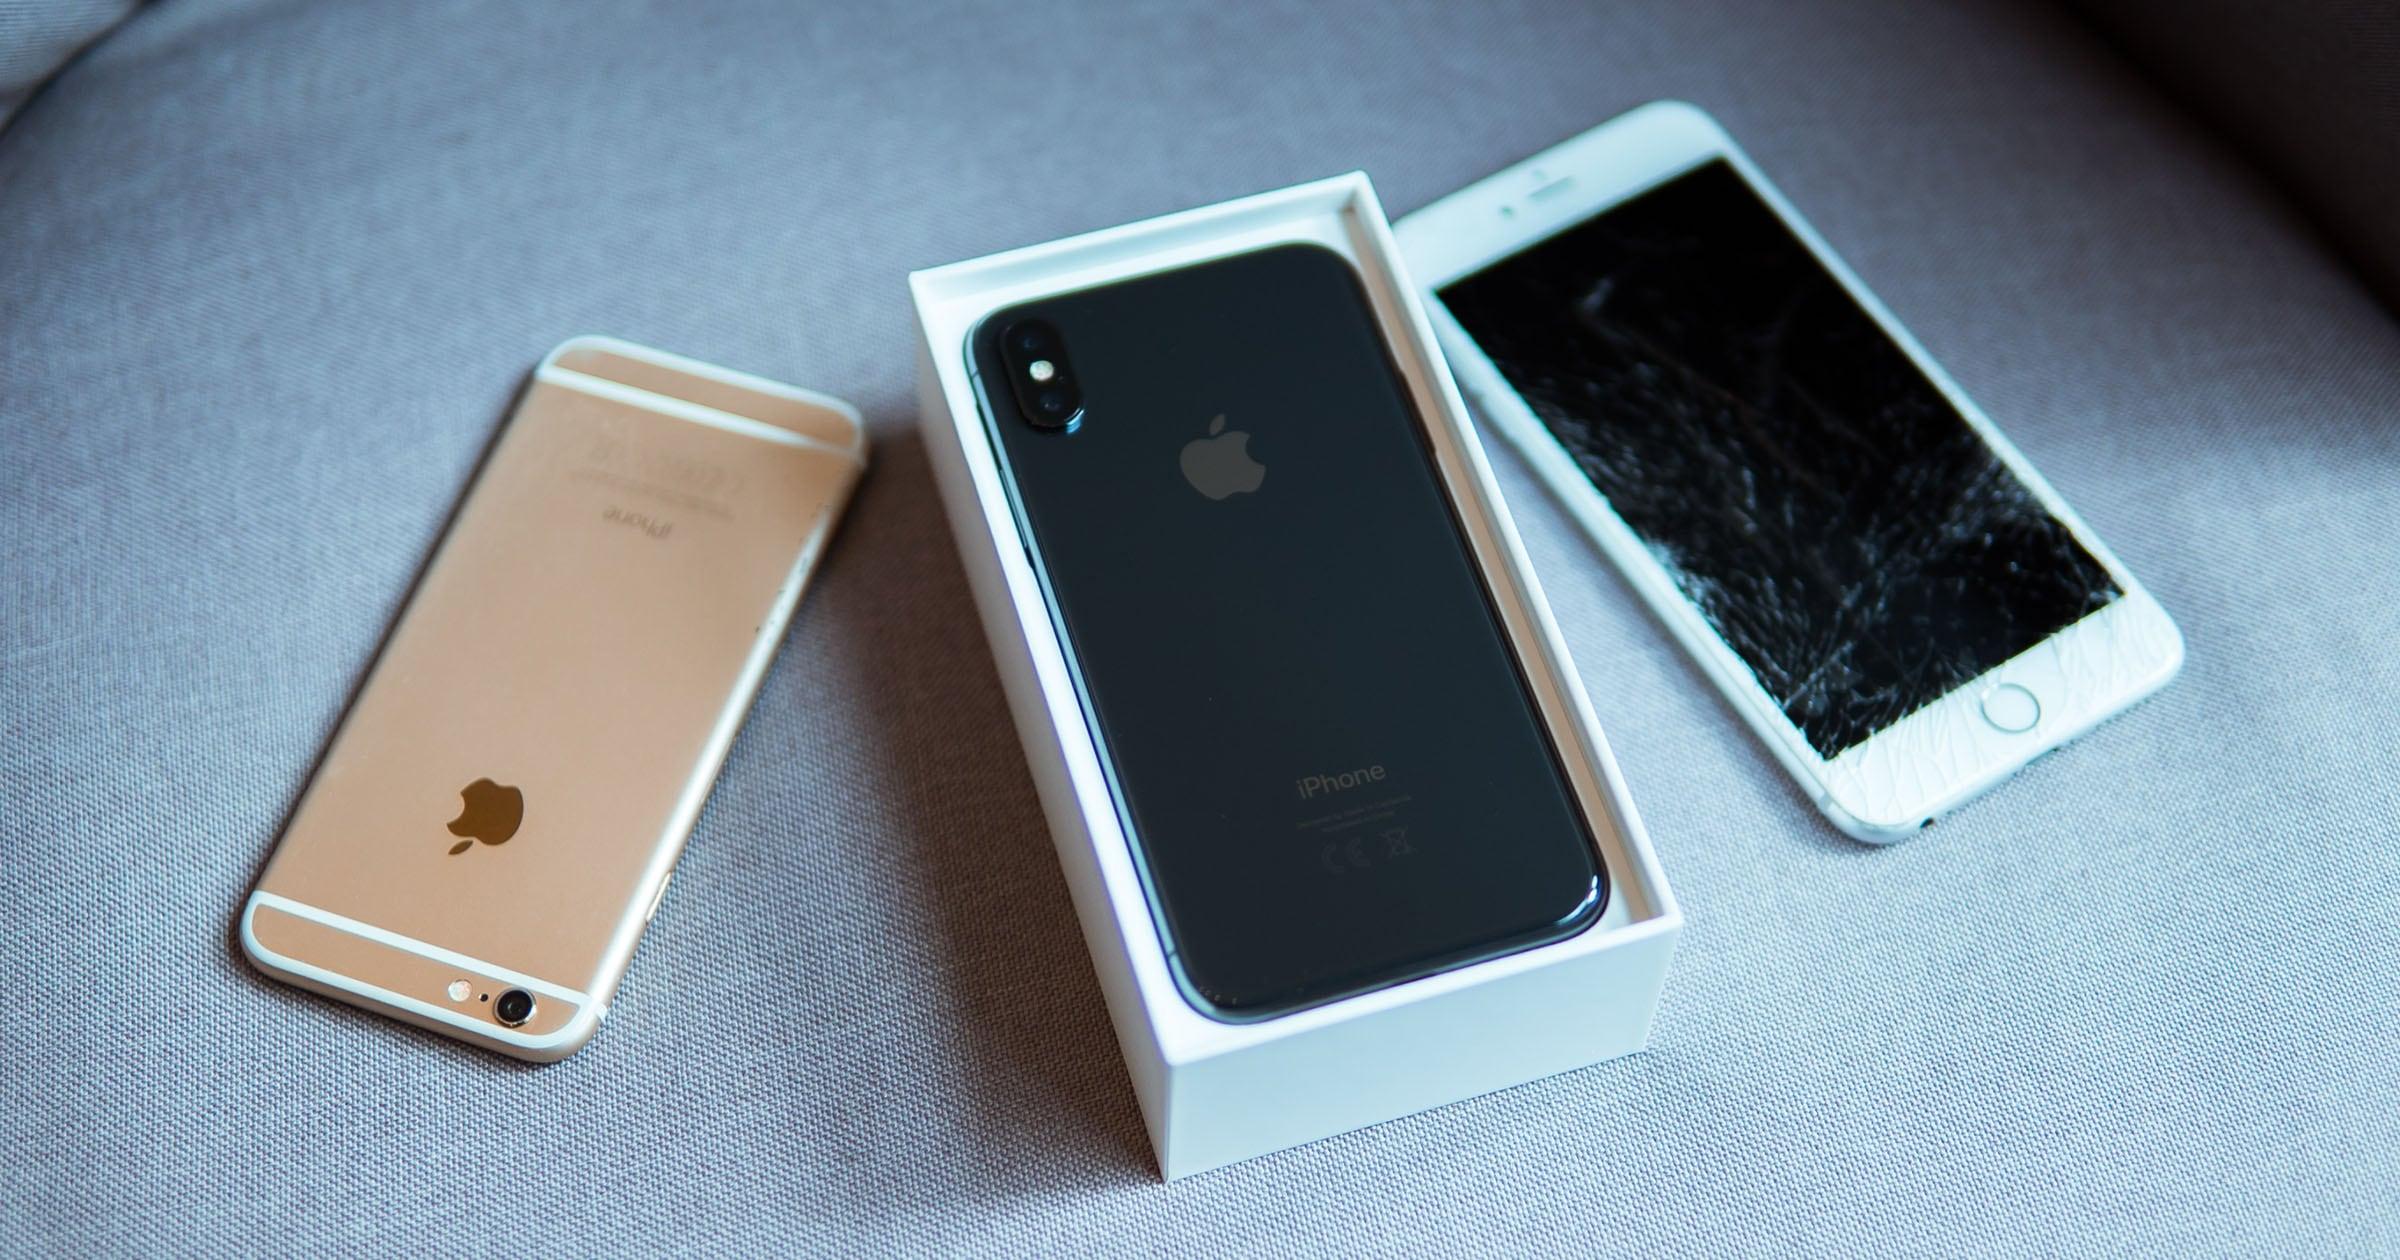 iphone, iphone kate, iphone kaitseklaas, katkine iphone, kasutatud iphone, iphone müük, iphone cover,